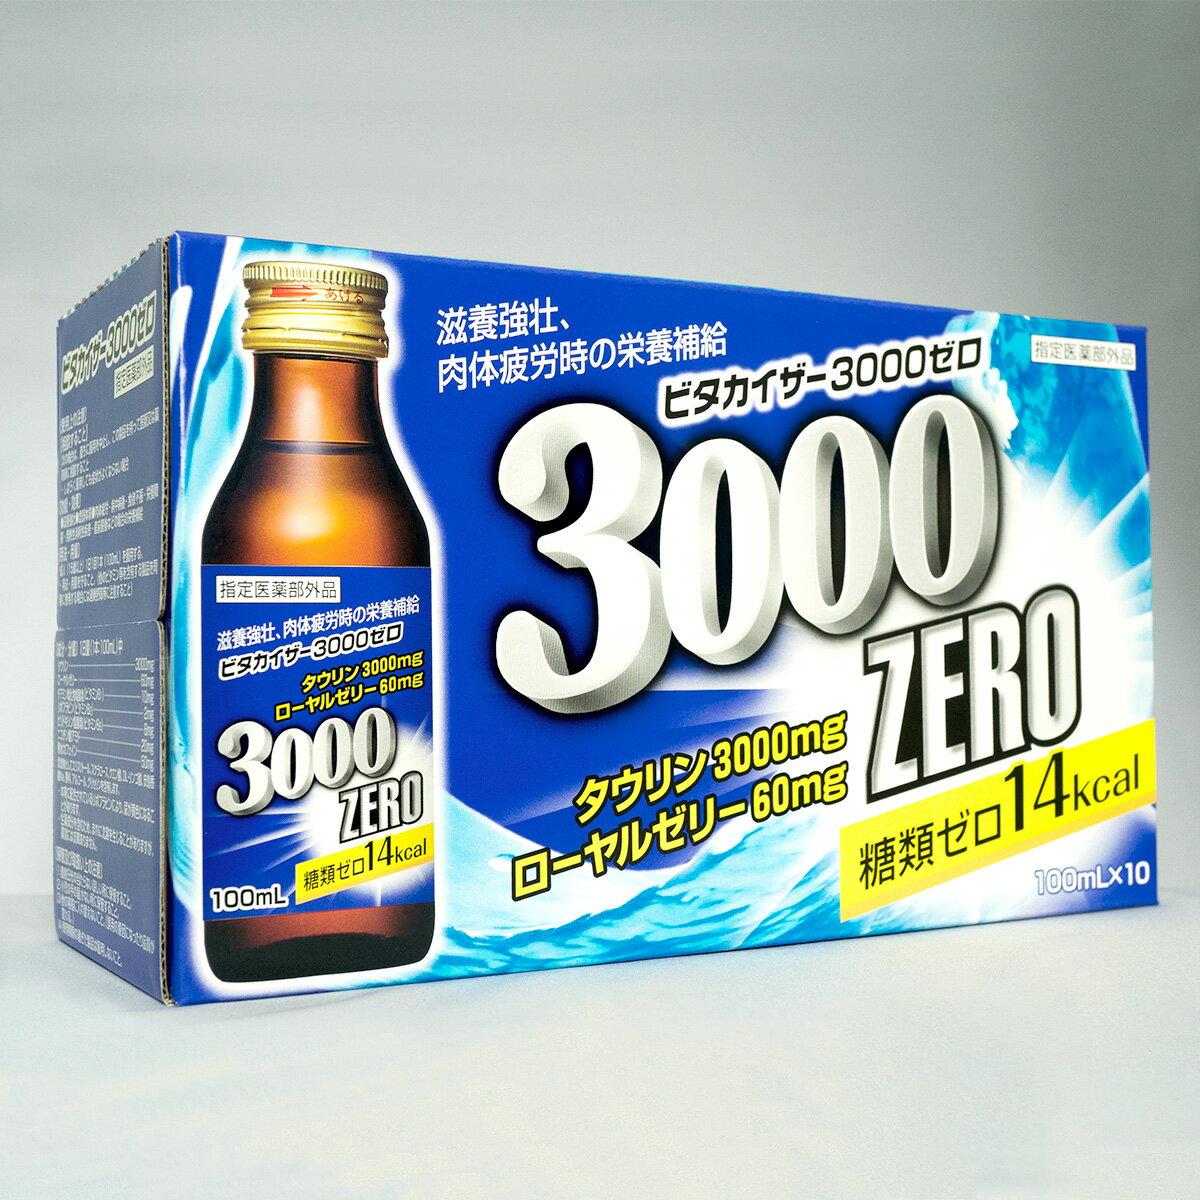 糖類ゼロ、タウリン3000mg、14cal栄養ドリンク ビタカイザー3000ゼロ50本セット(10本×5箱)[指定医薬部外品]/賞味期限2020年8月